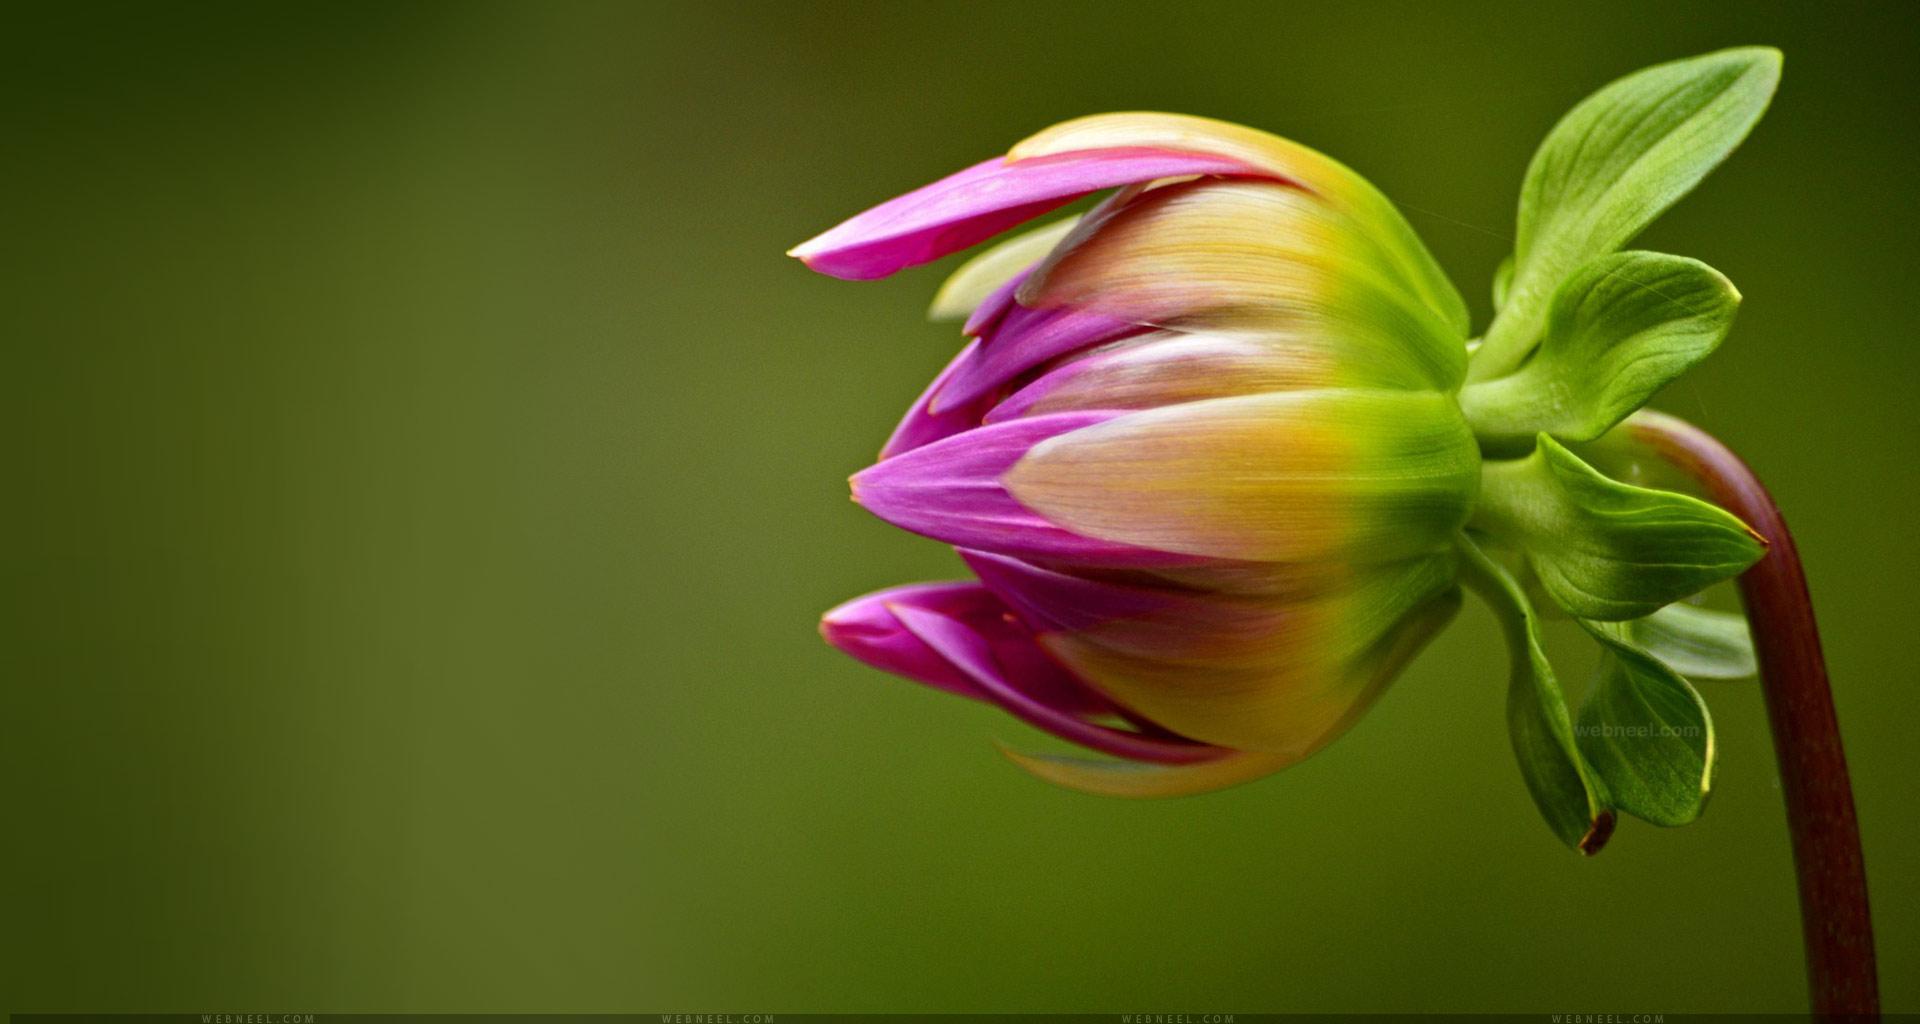 Flower Wallpaper Beautiful Best Hd Best Flower Images Hd 1920x1024 Download Hd Wallpaper Wallpapertip